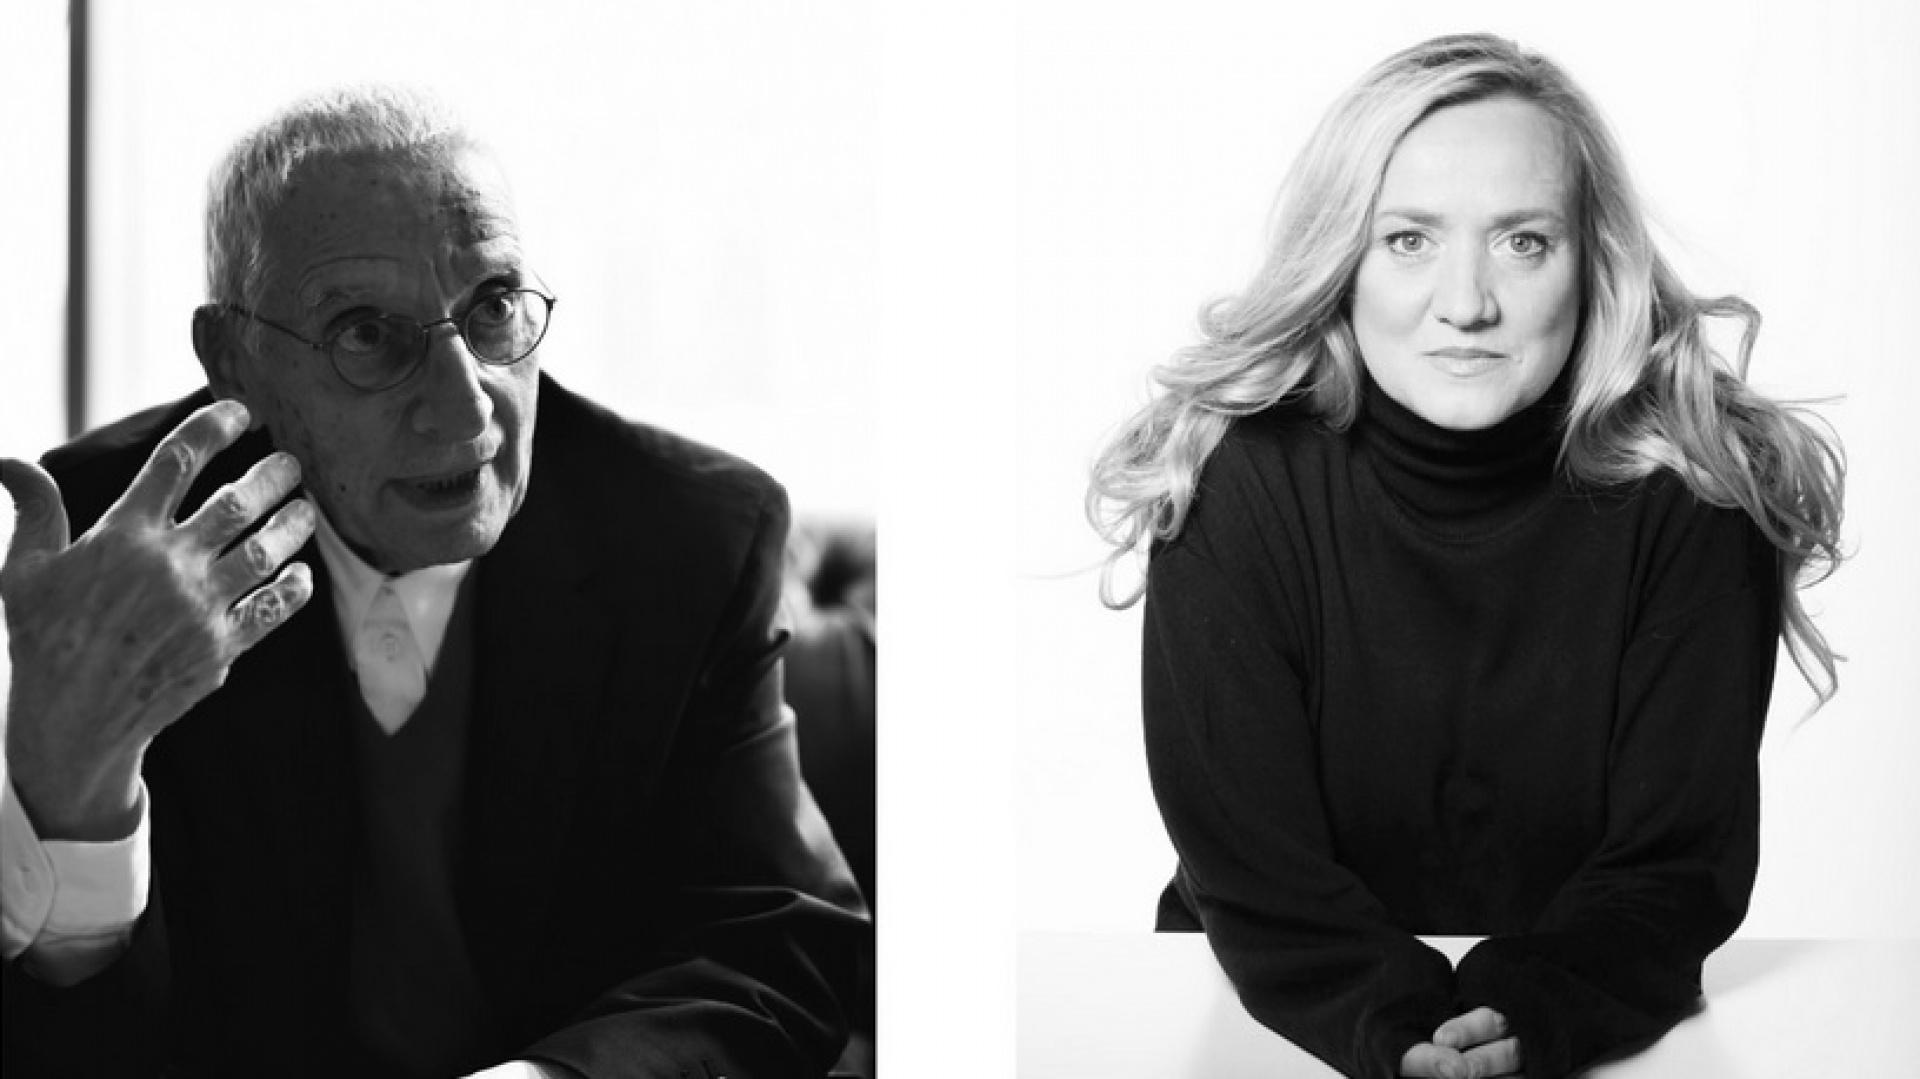 Dorota Koziara i Alessandro Mendini będą gośćmi specjalnymi wydarzenia Tubądzin Design Days. Fot. Materiały prasowe